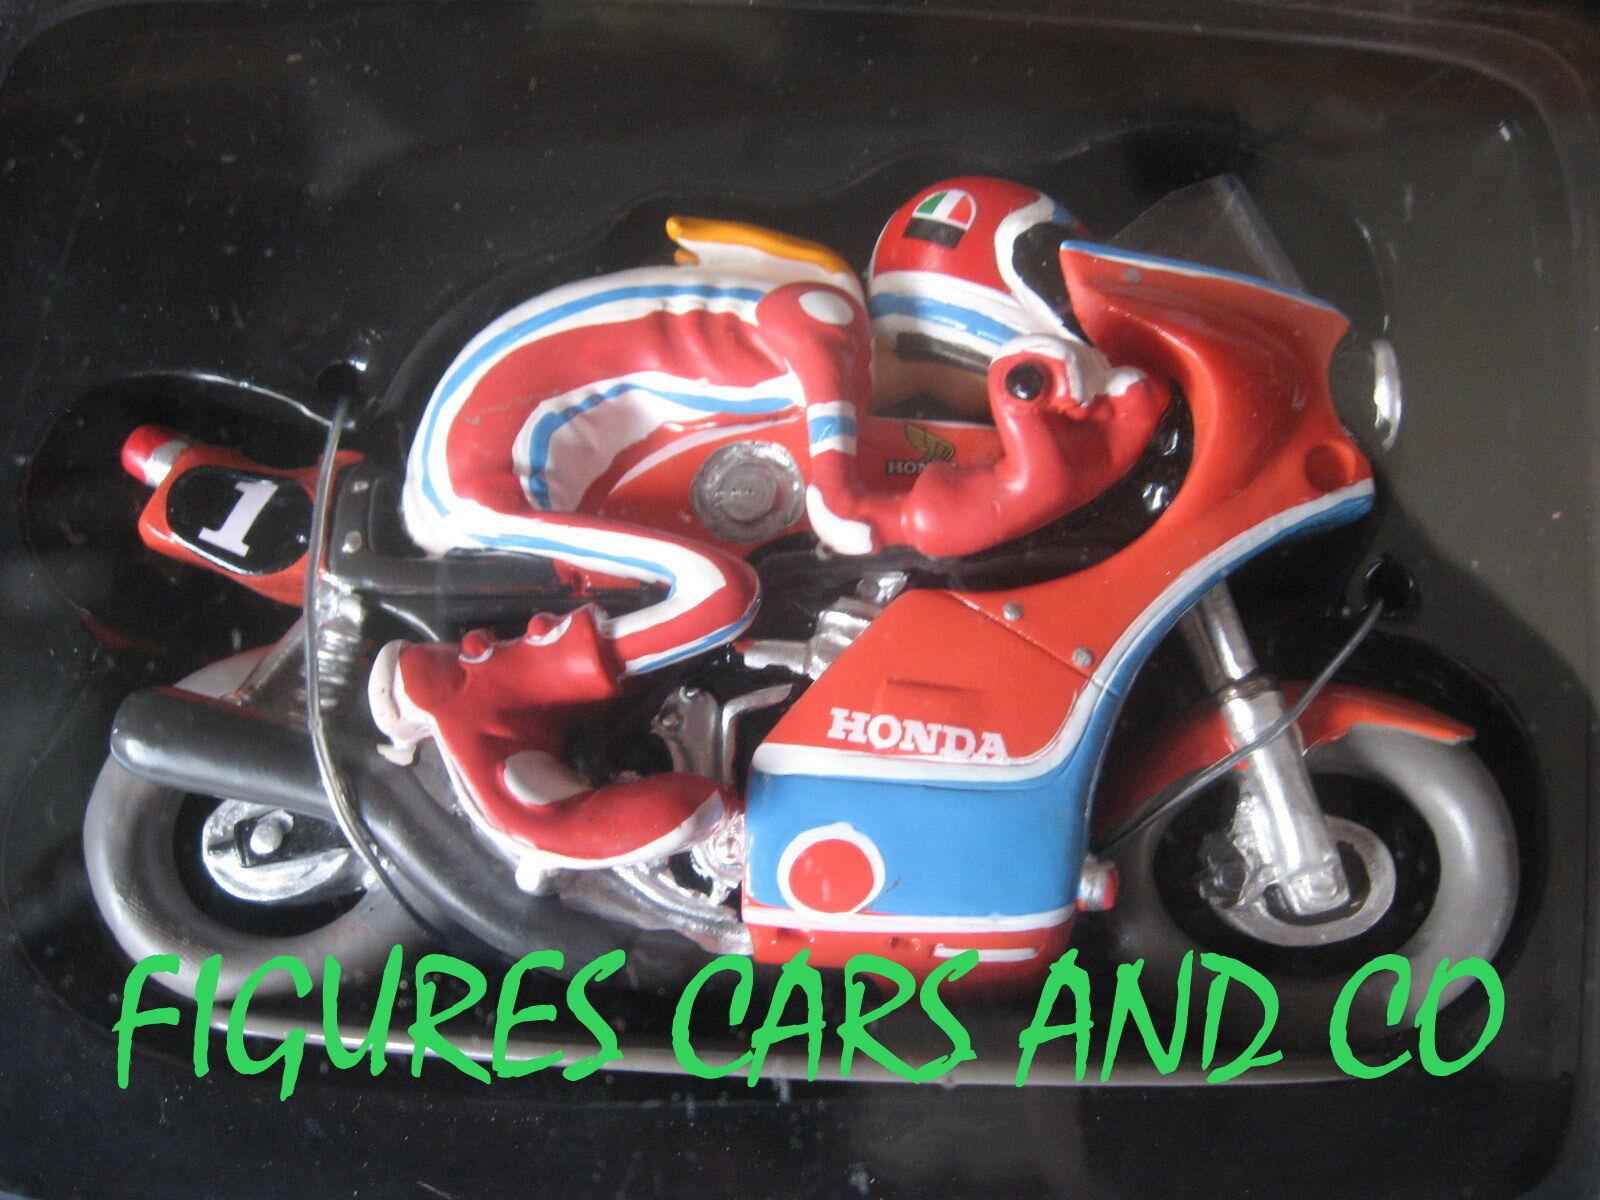 SERIE 2 MOTORRAD JOE BAR TEAM 38 38 38 HONDA 1000 RCB CHRISTIAN LEON  FOREVER  a5721d